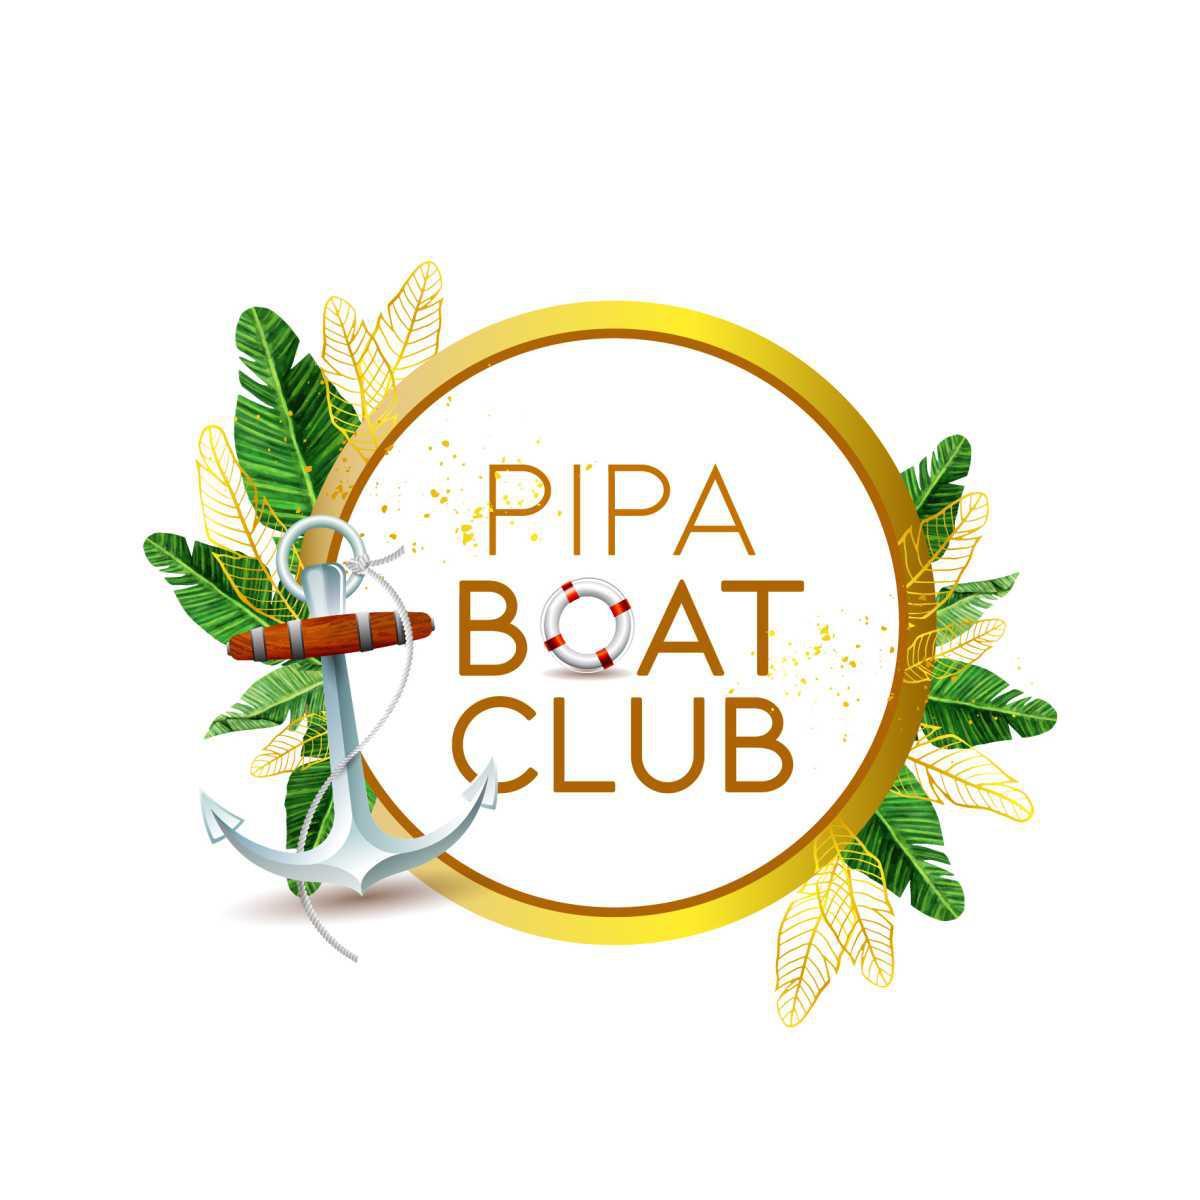 Pipa Boat Club